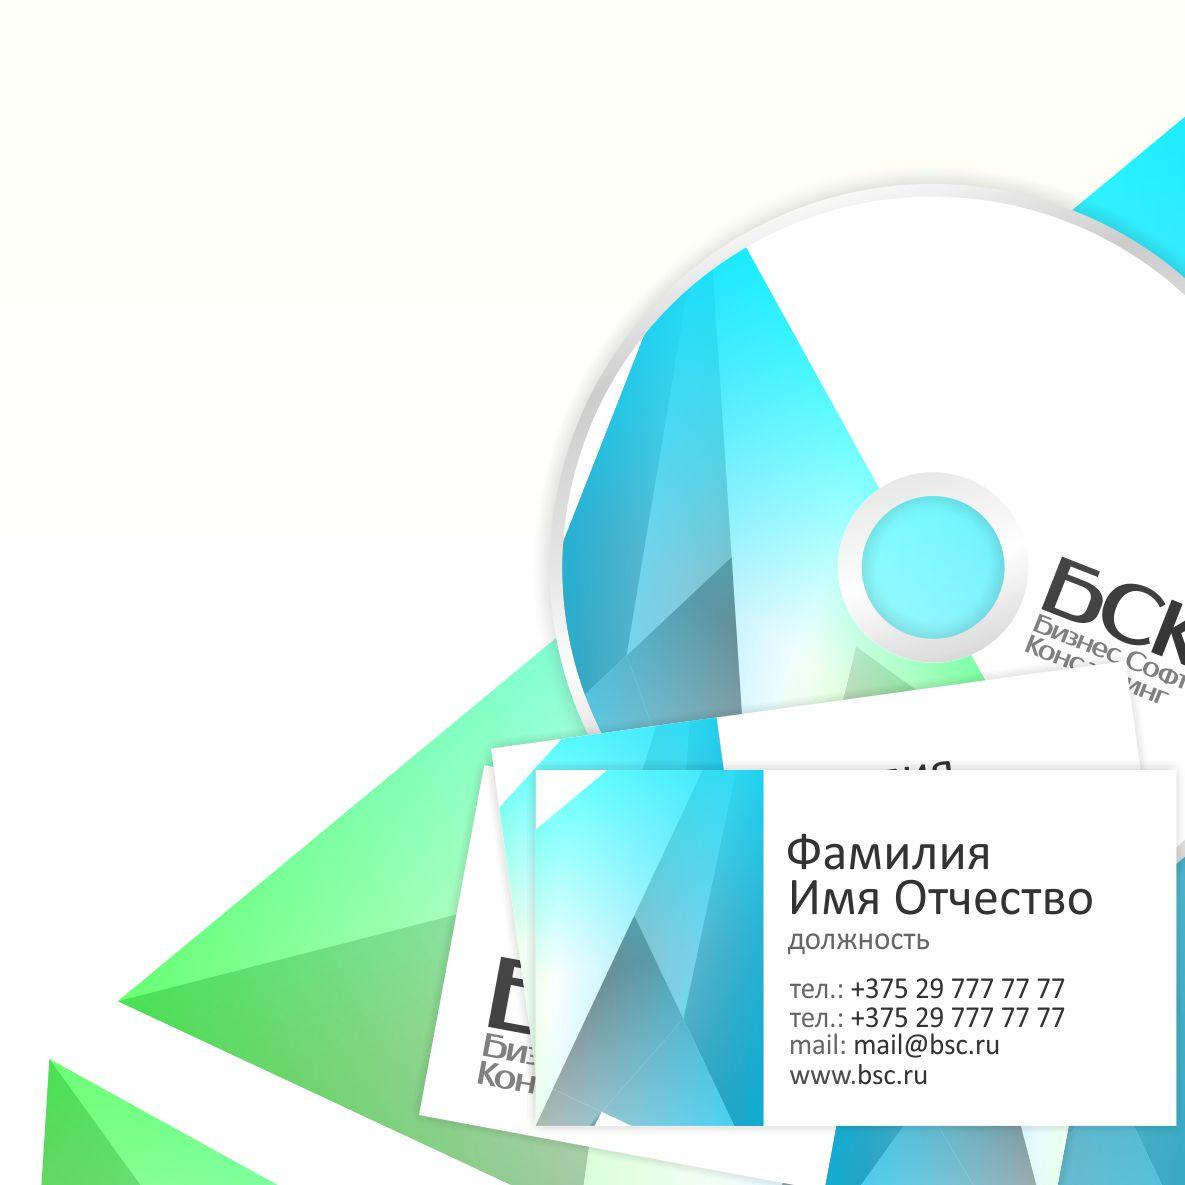 Разработать логотип со смыслом для компании-разработчика ПО фото f_504dfaab2dc1c.jpg